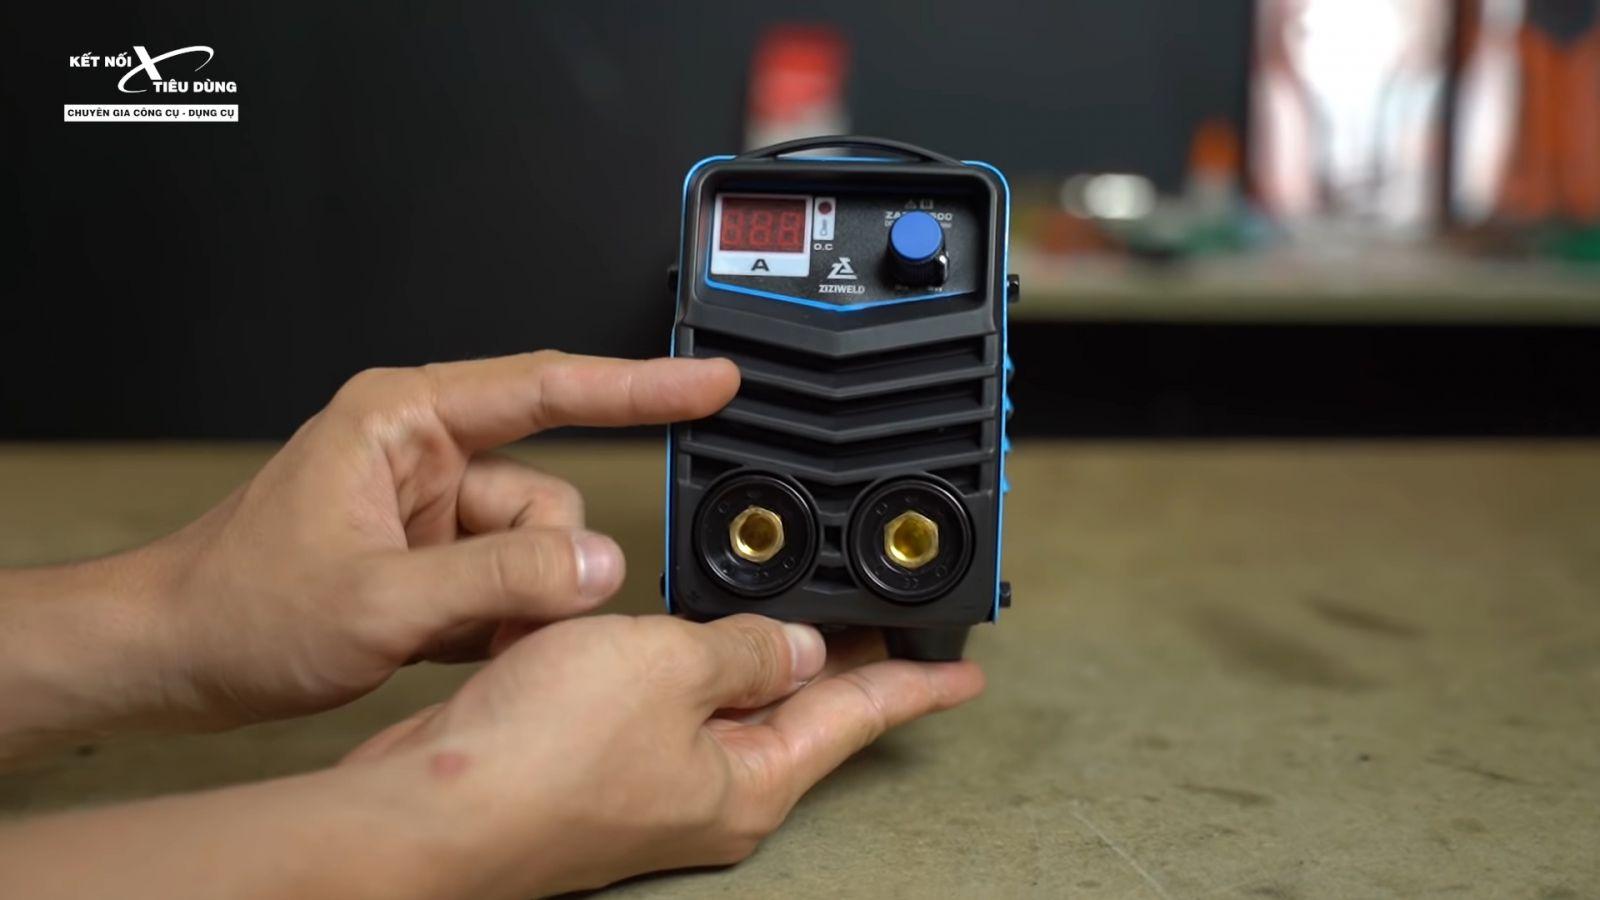 Review máy hàn que mini Ziziwweld ZARC 2500: siêu nhỏ, kéo que 2.5mm ngon lành, giá chỉ 1tr2, Weldcom phân phối - lưu ý khi sử dụng máy hàn